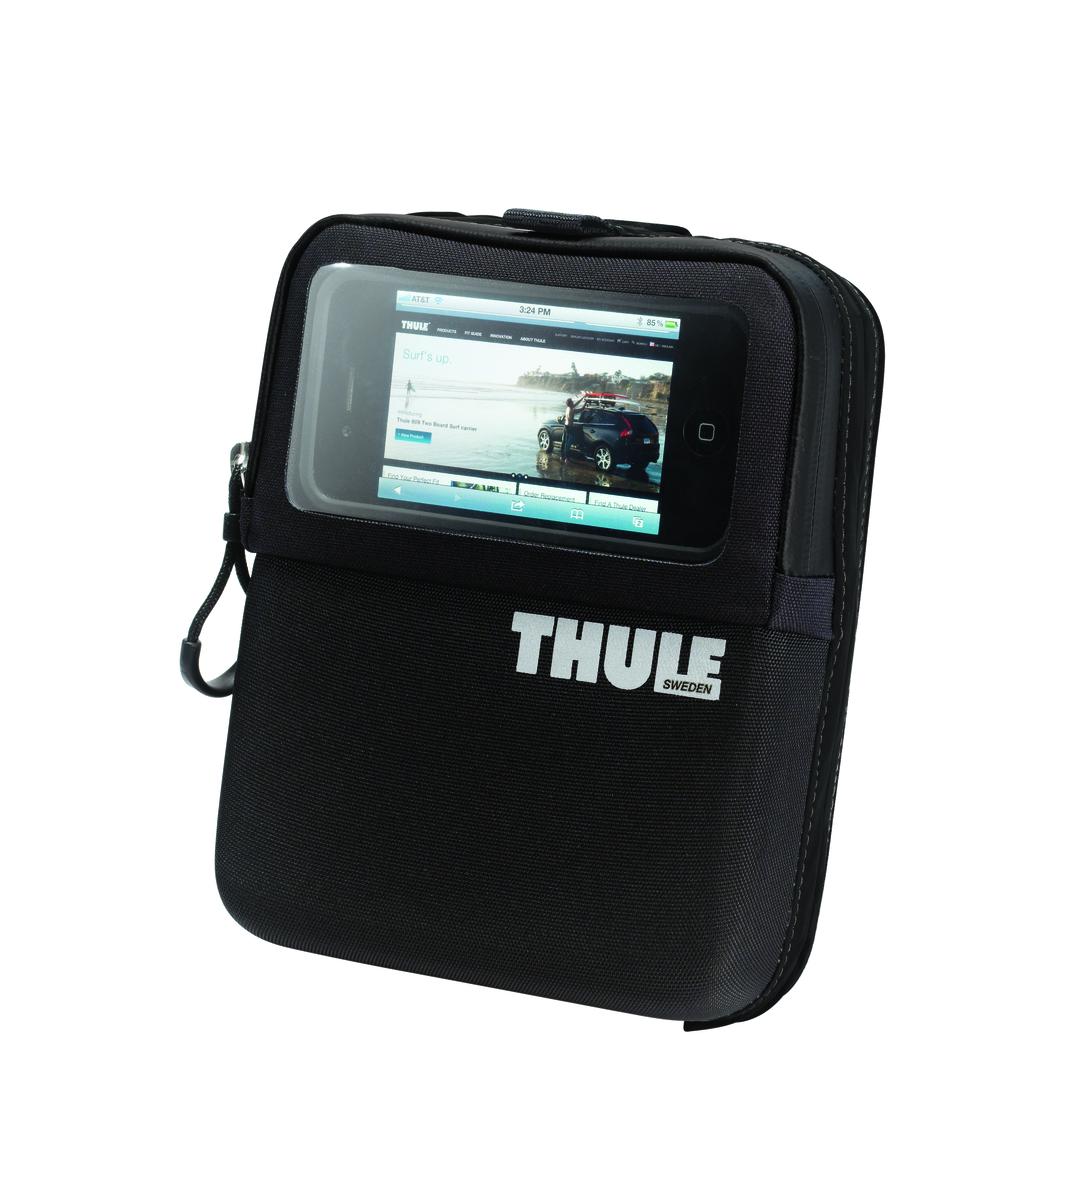 Сумка на руль Thule Wallet, для смартфонов и мелочей100004Удобный доступ к устройствам GPS-навигации благодаря прозрачной крышке. Легкая установка/снятие с размещаемой на руле системы Thule Pack 'n Pedal Handlebar Attachment. Накидка от дождя в комплекте.